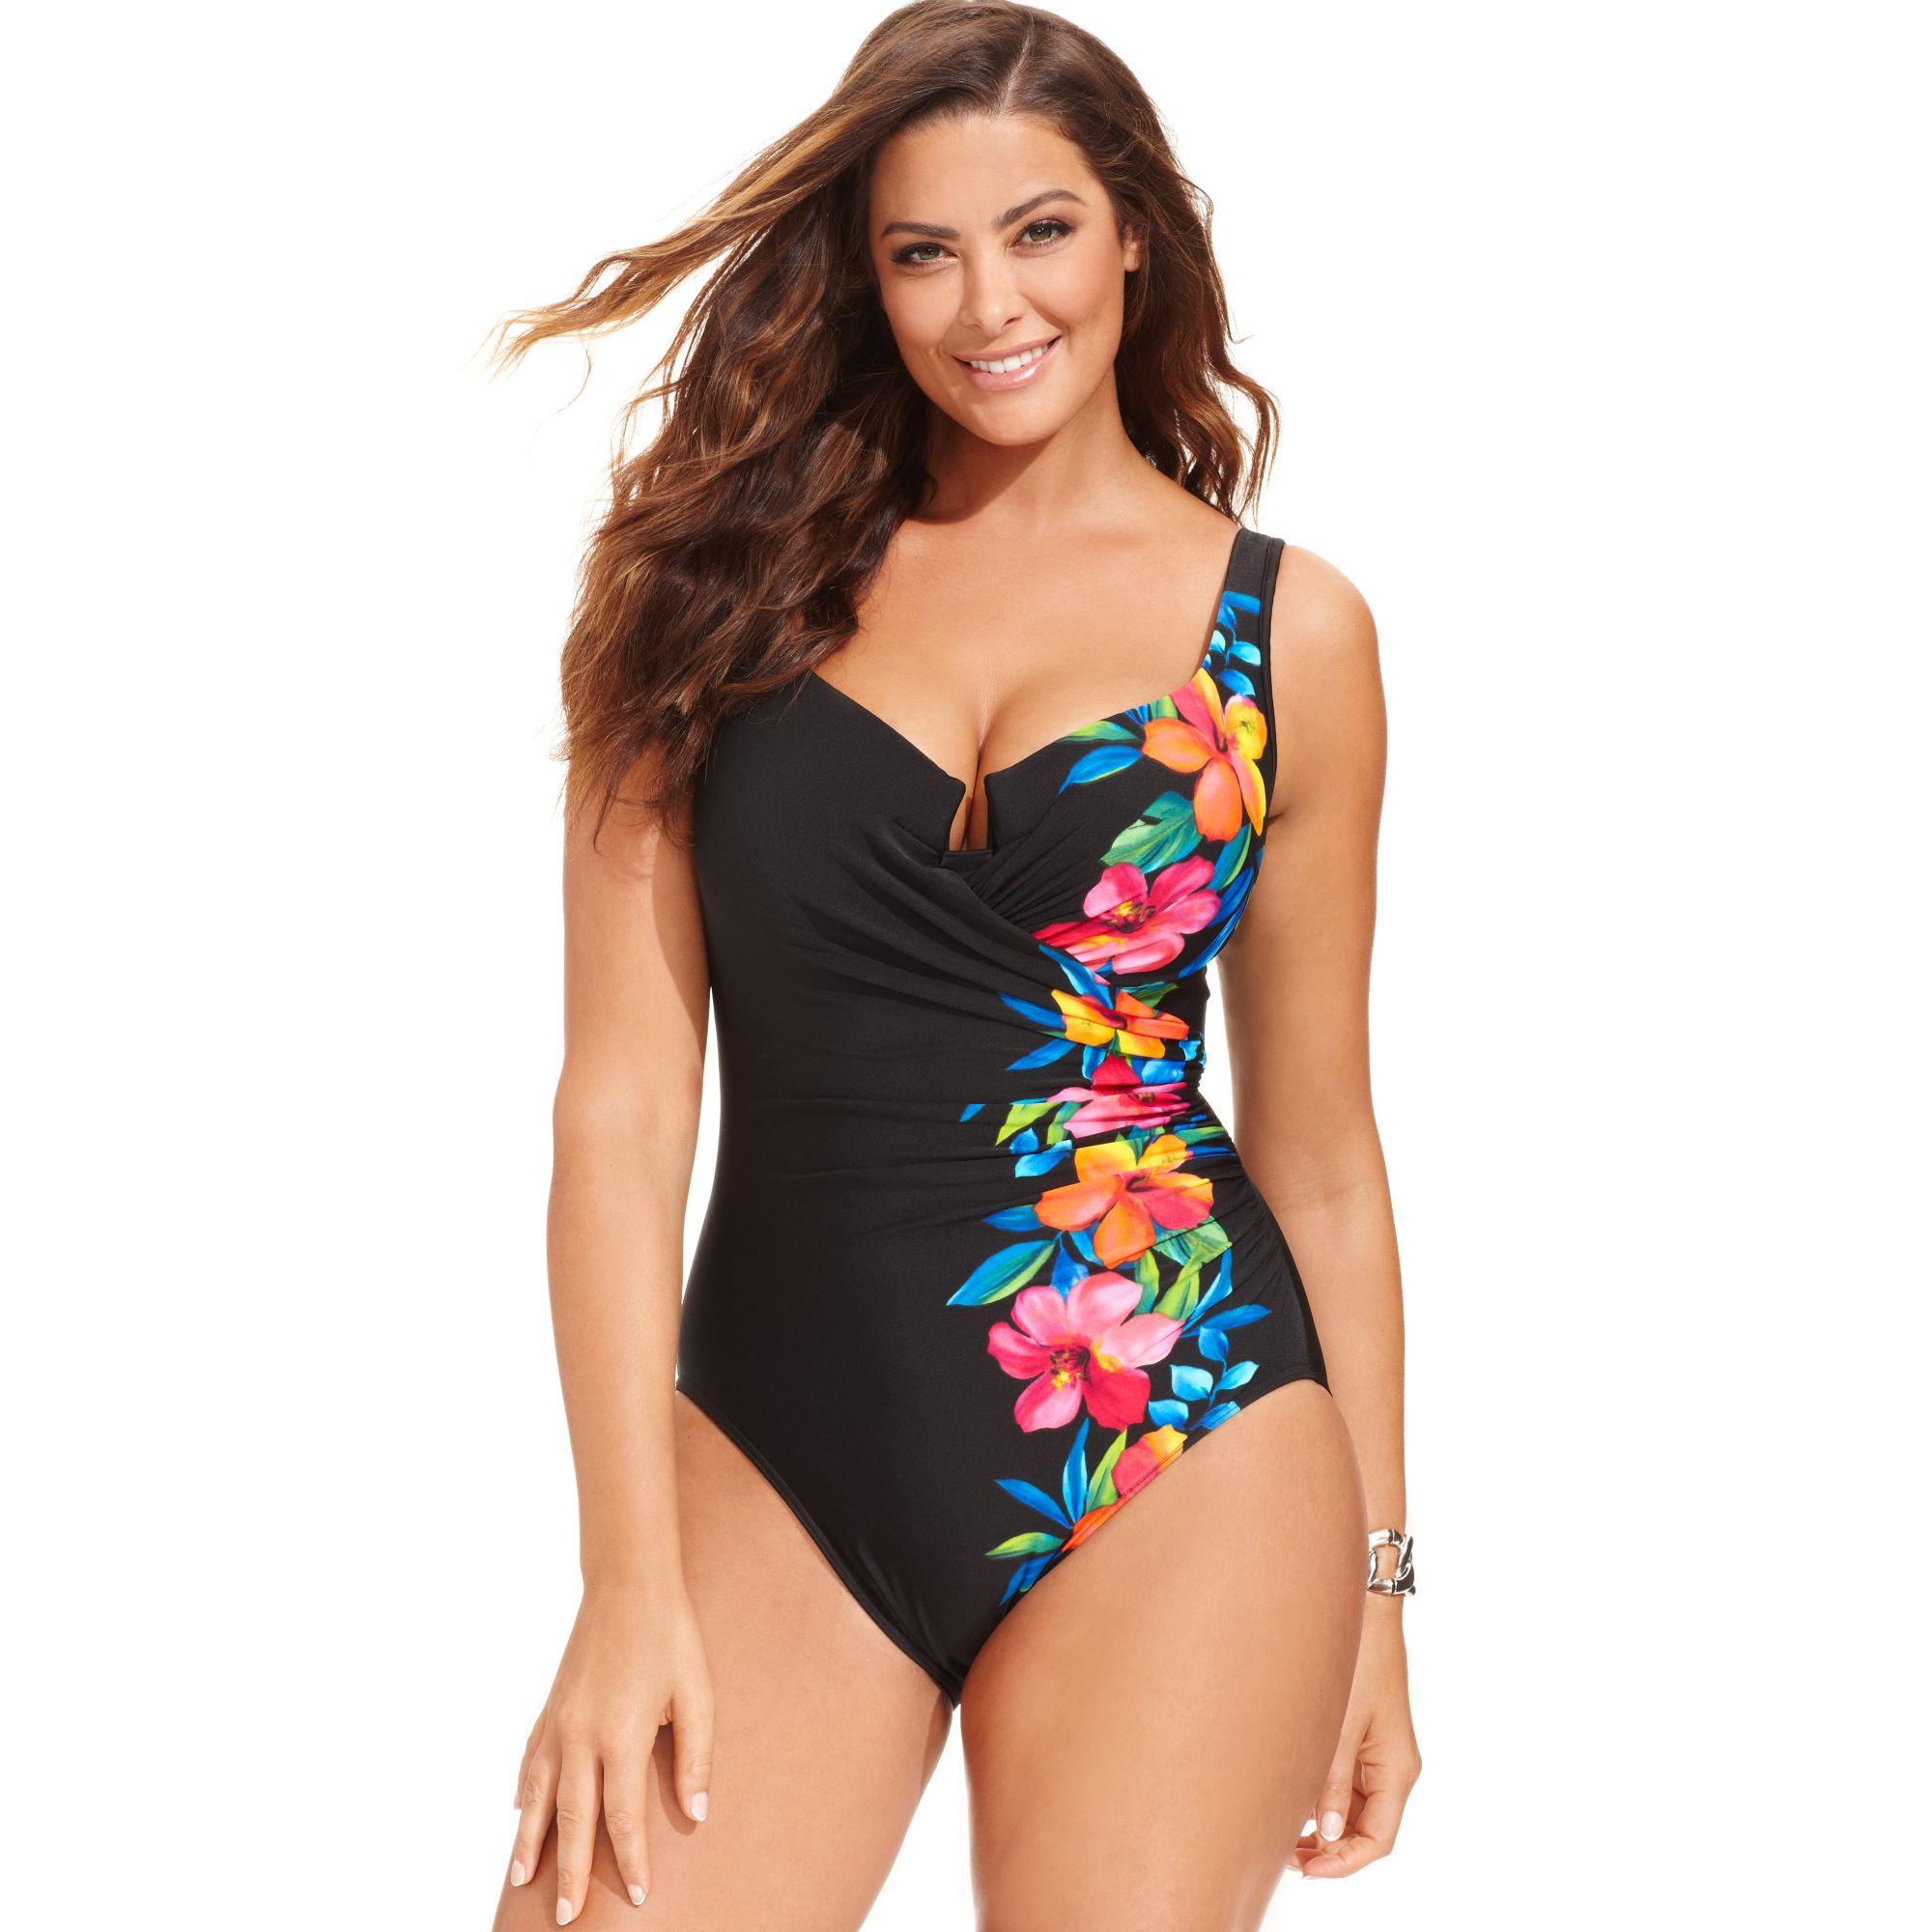 733c11d6ea0 Miraclesuit Plus Size Escape Floral-print Onepiece Swimsuit in Black ...